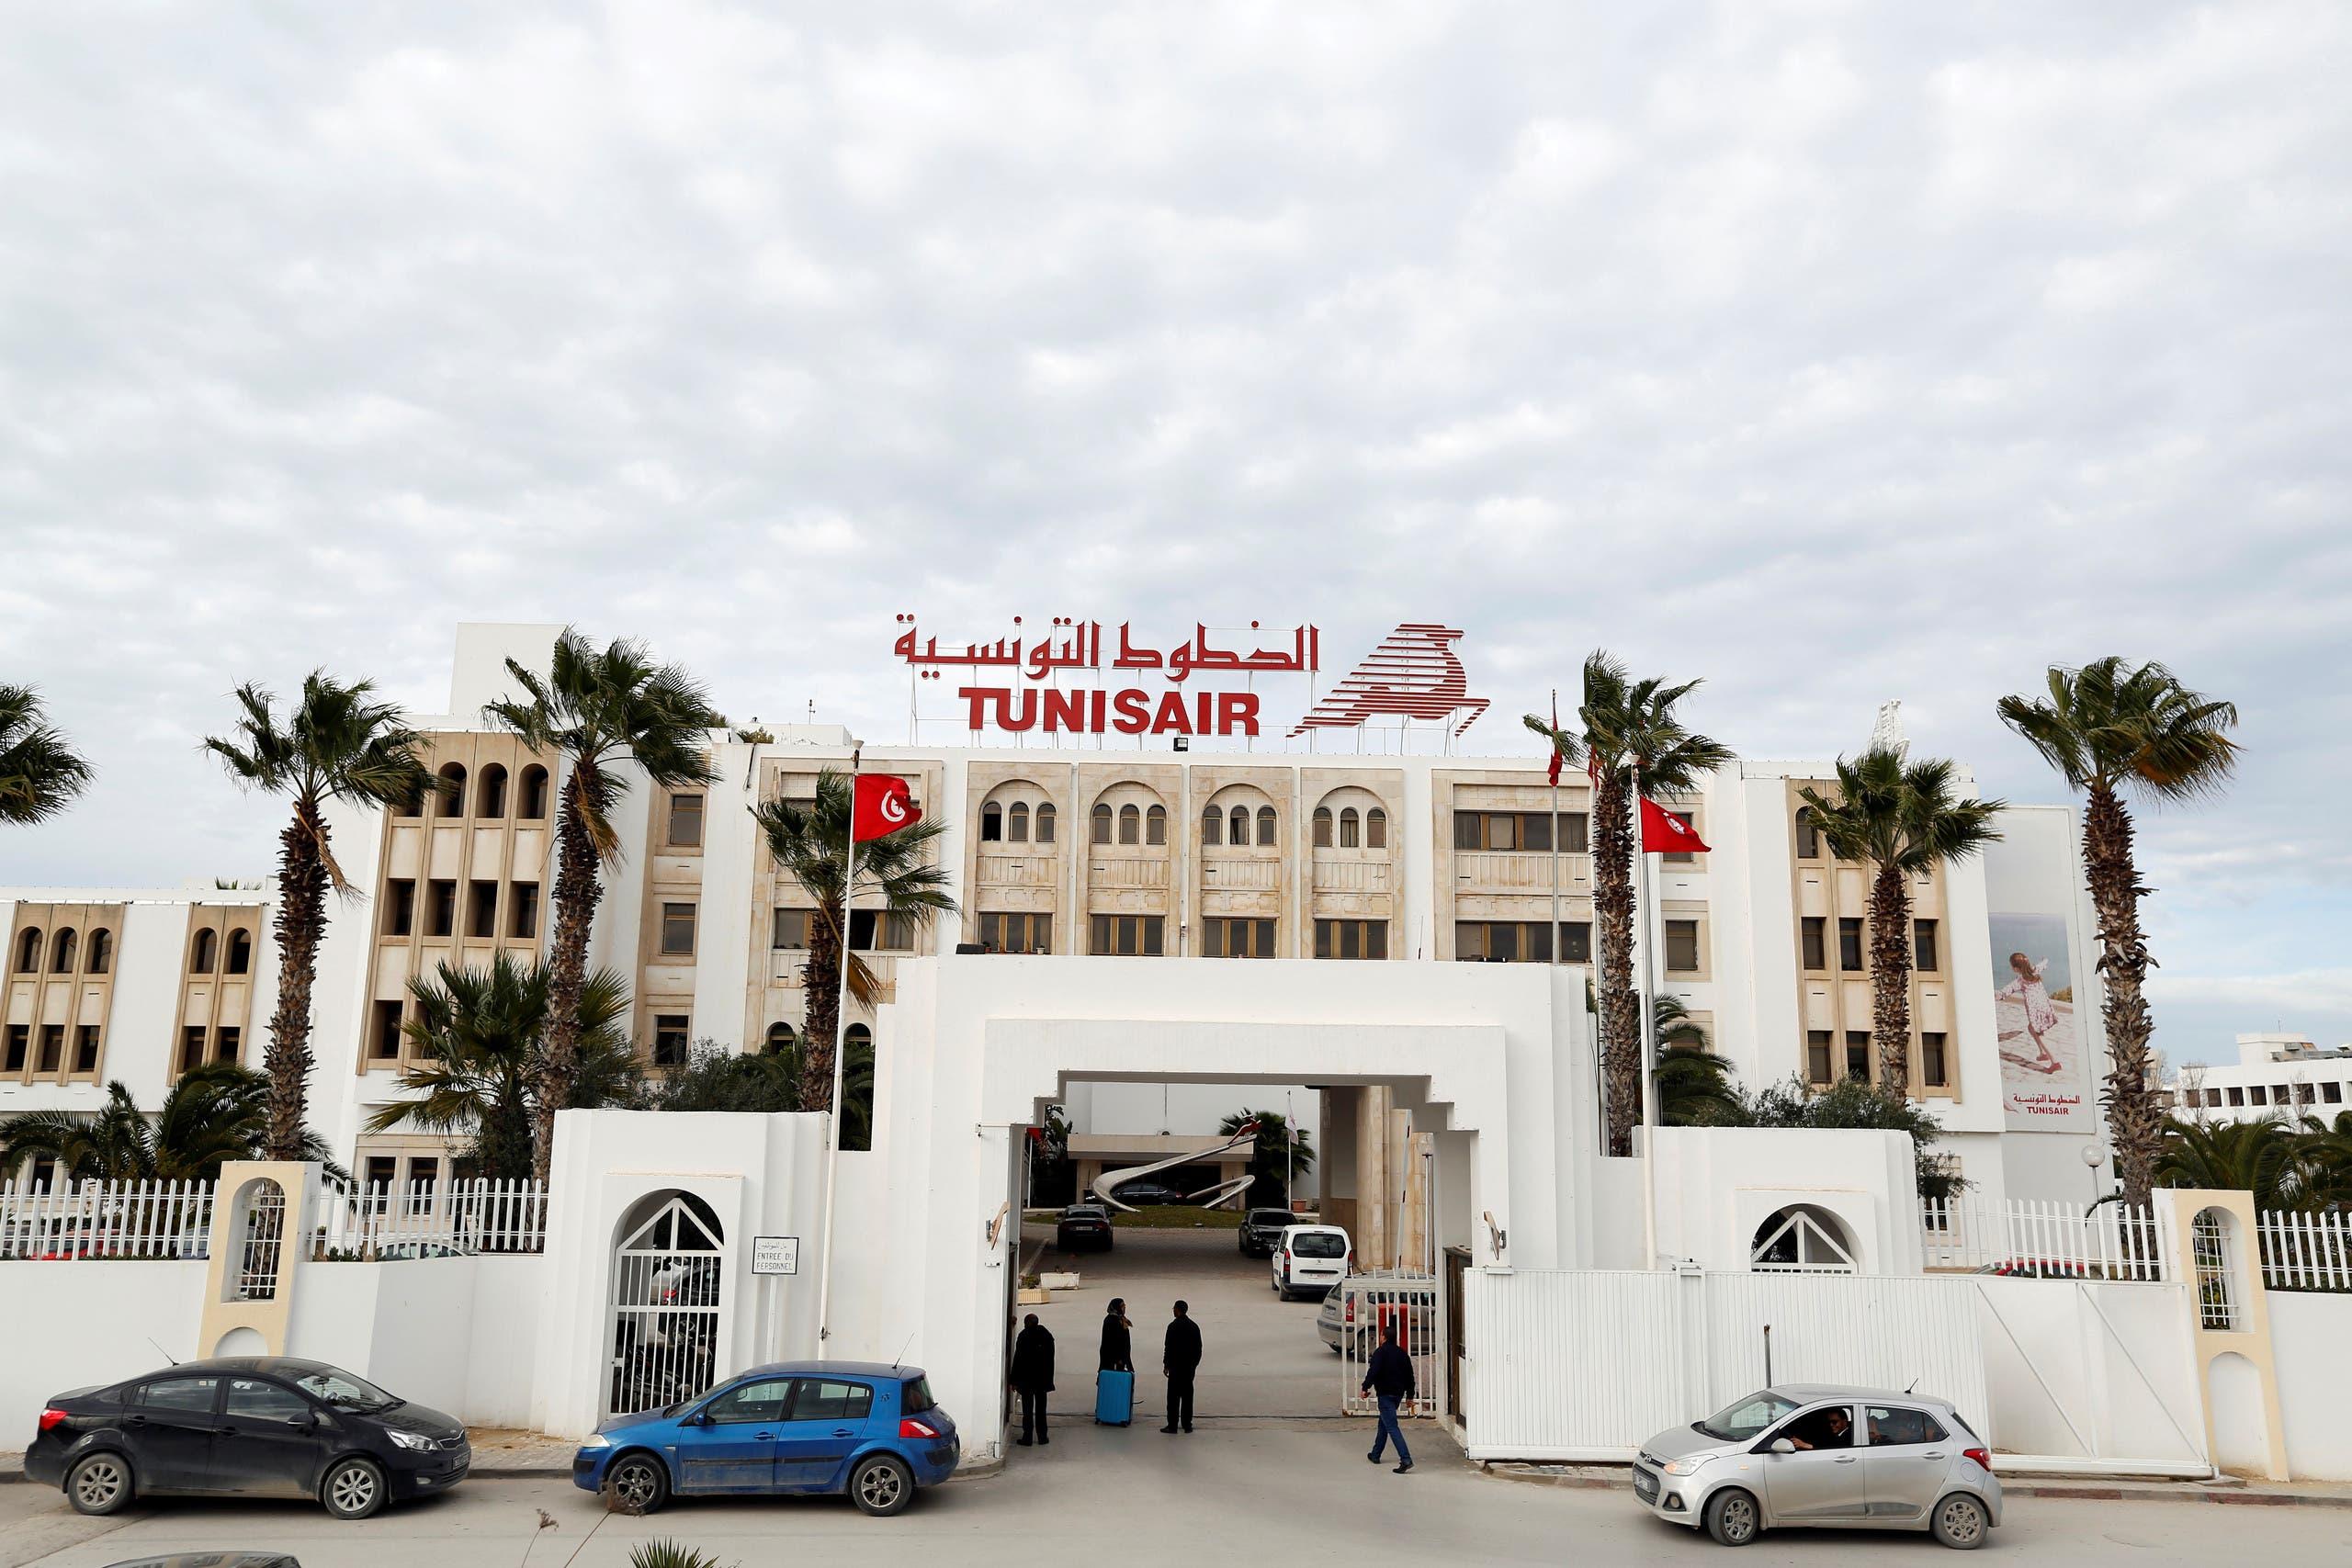 مقر شركة الخطوط الجوية التونسية في العاصمة تونس